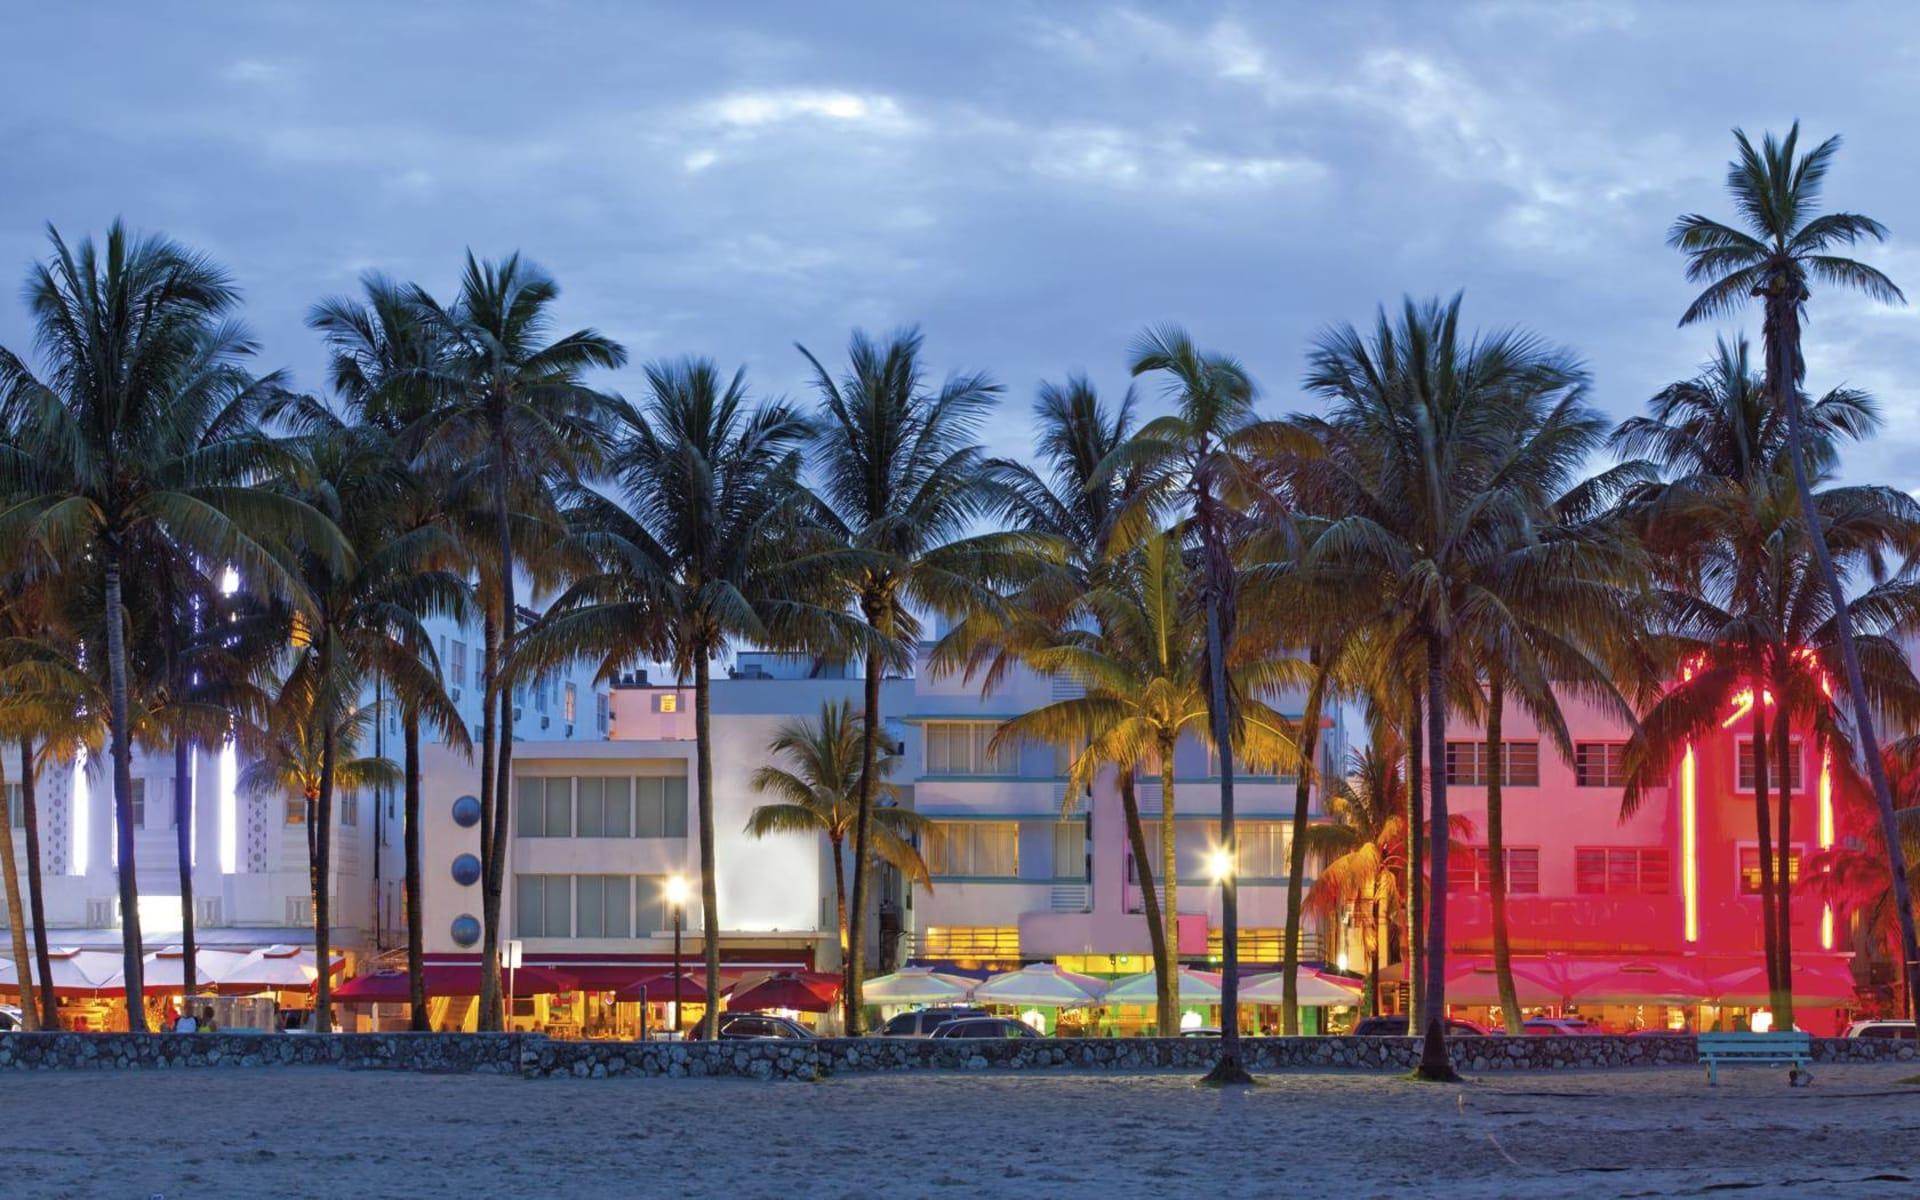 Florida Sunshine ab Miami: USA - Florida - Miami South Beach